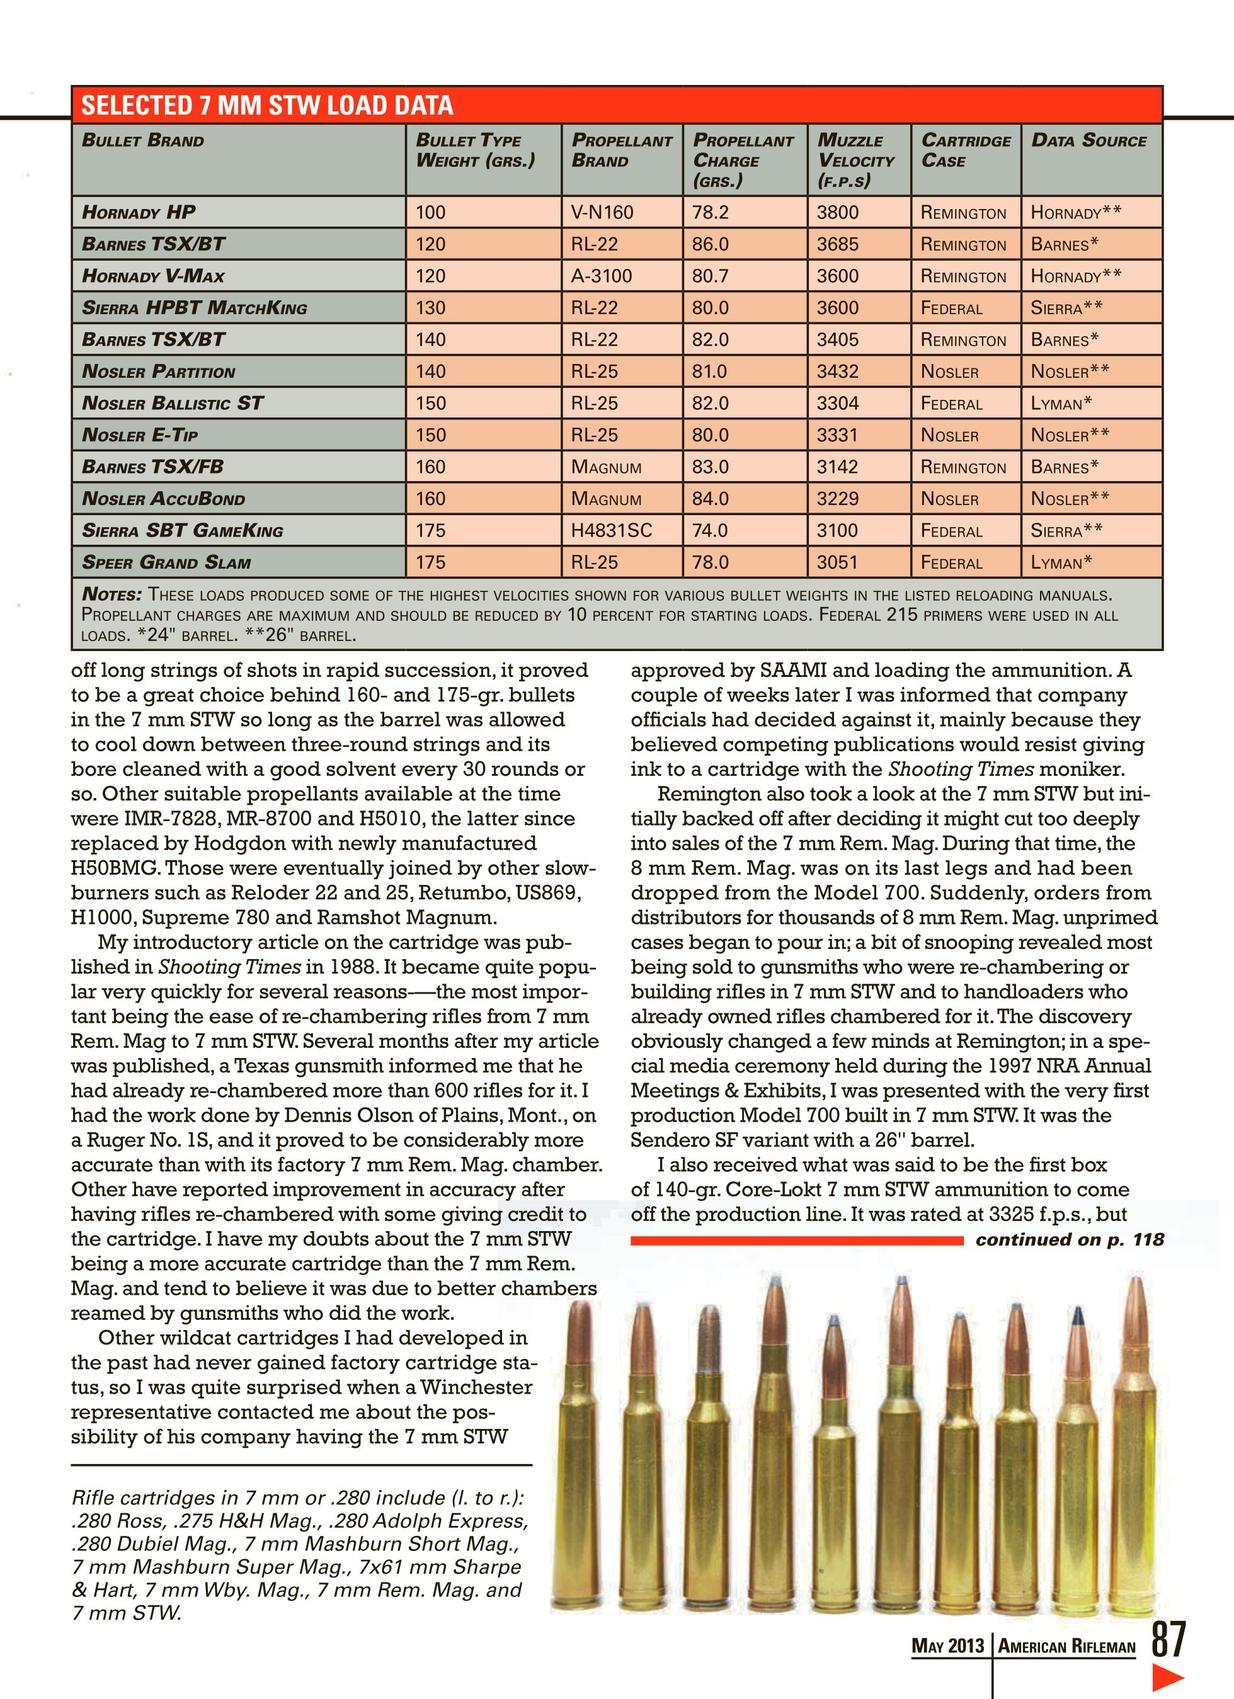 American Rifleman - May 2013